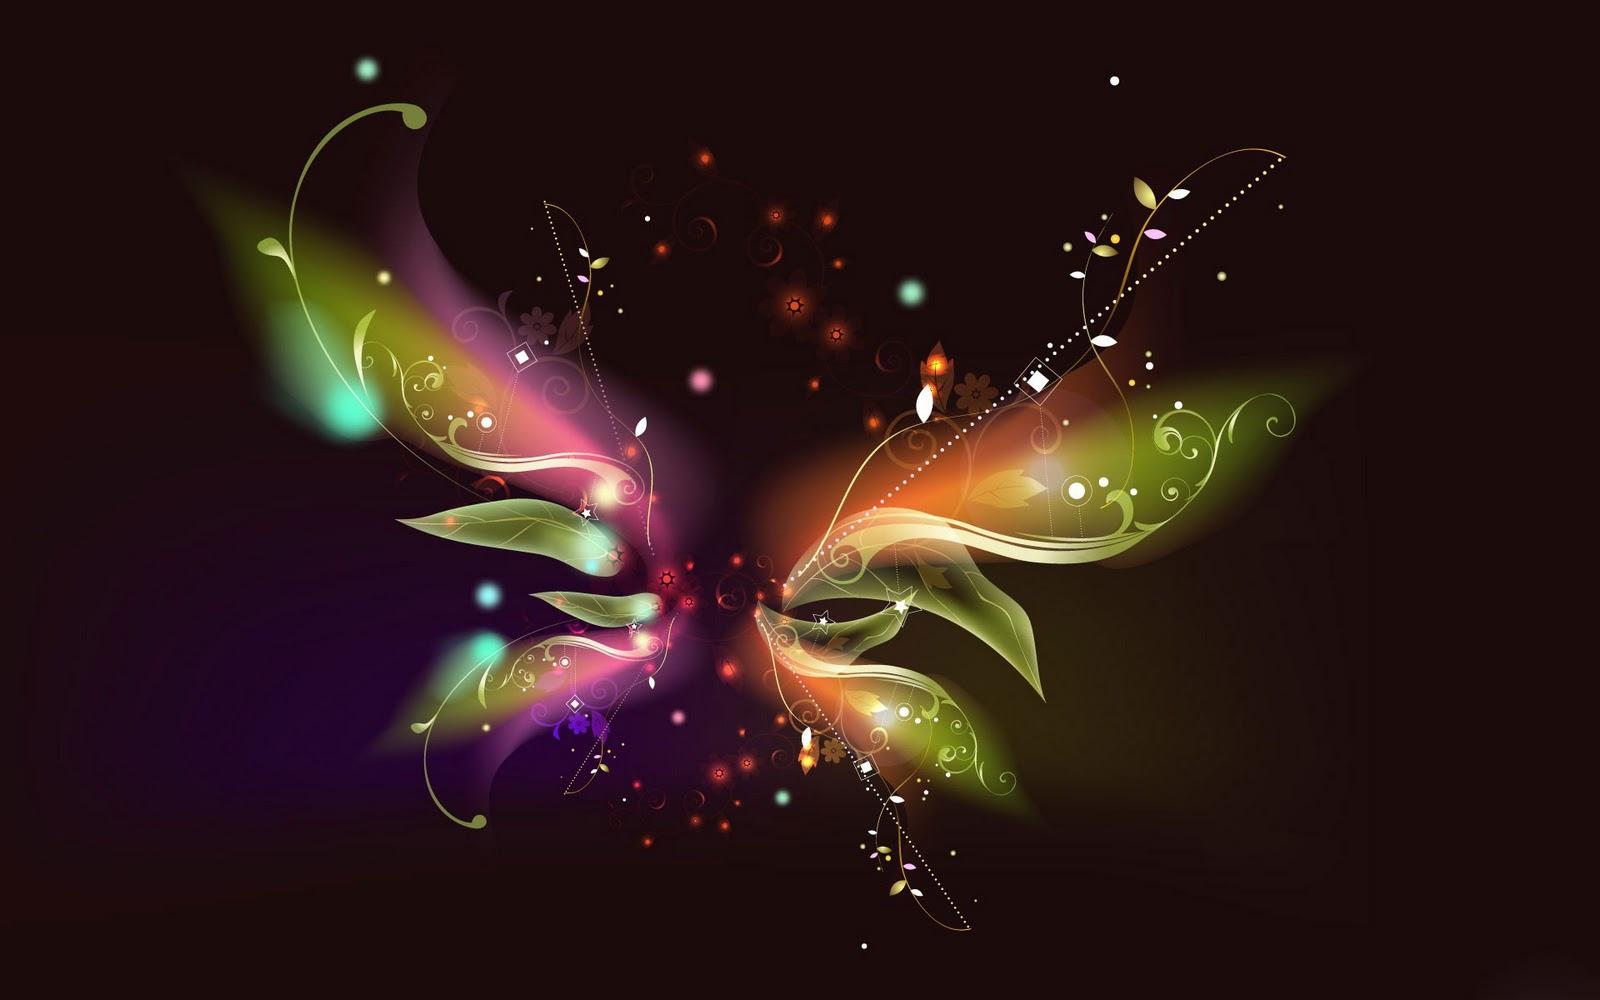 Butterfly desktop wallpaper Funny Animal 1600x1000